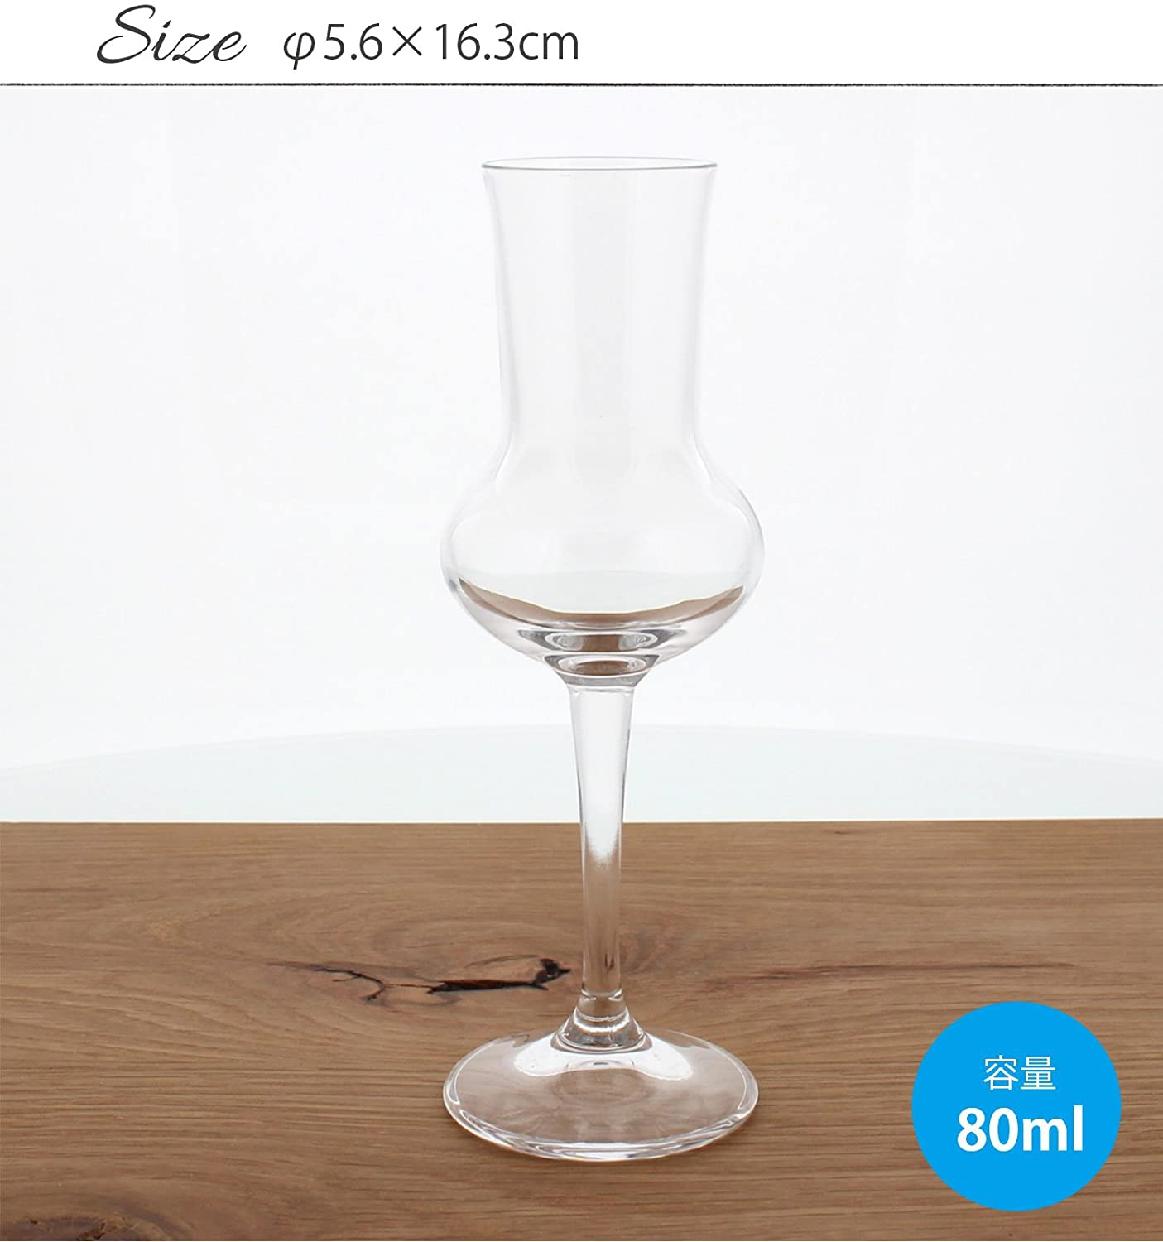 Blancheassocies(ブランシェアソシエ)リゼルバ グラッパ ワイングラス 80mlの商品画像3